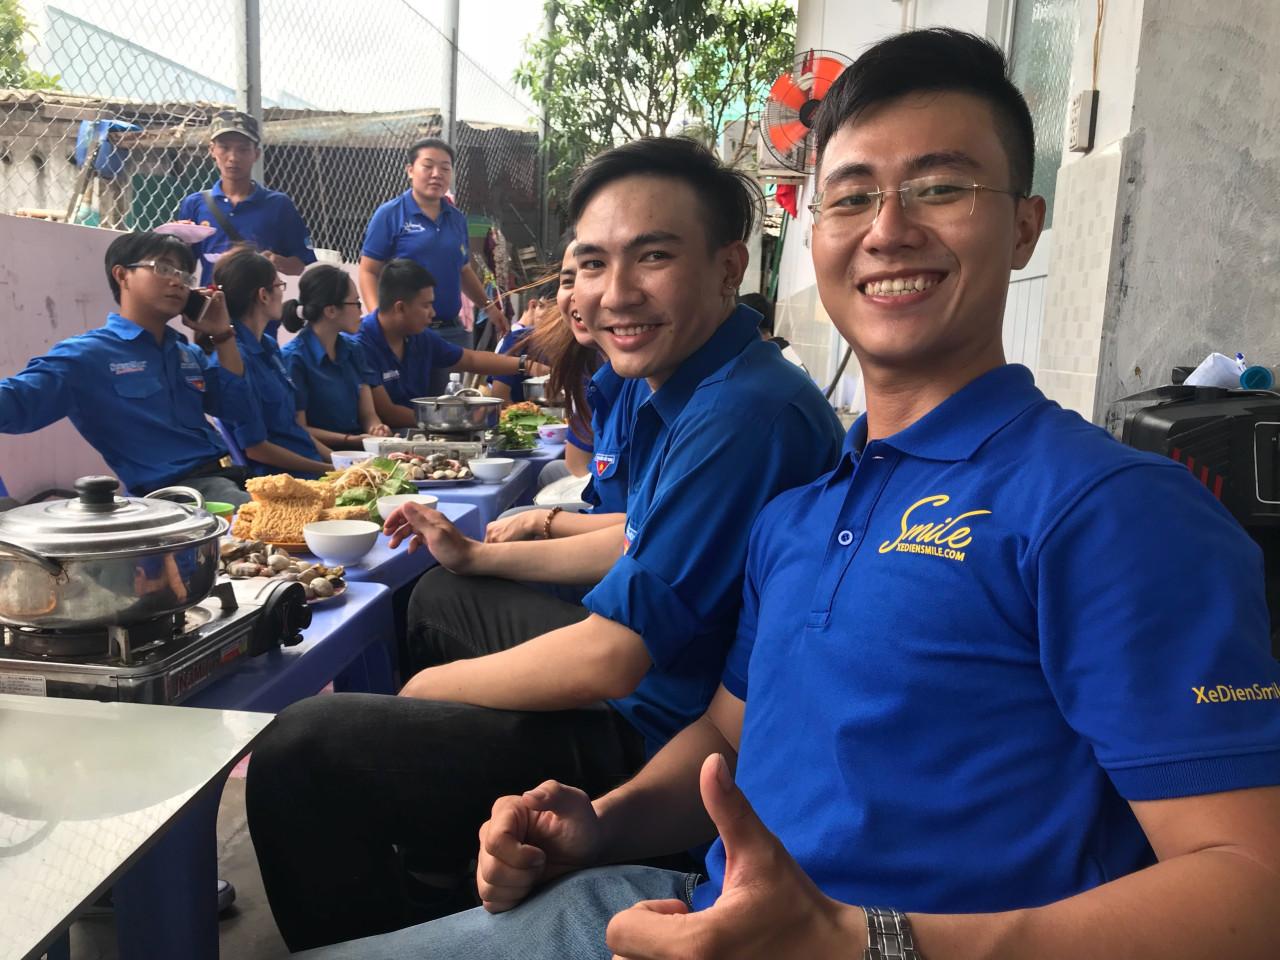 Dù các đồng đội Smile dùng thực phẩm mặn nhưng Khoa vẫn mong rằng các bạn có thể ăn chay càng nhiều càng tốt.